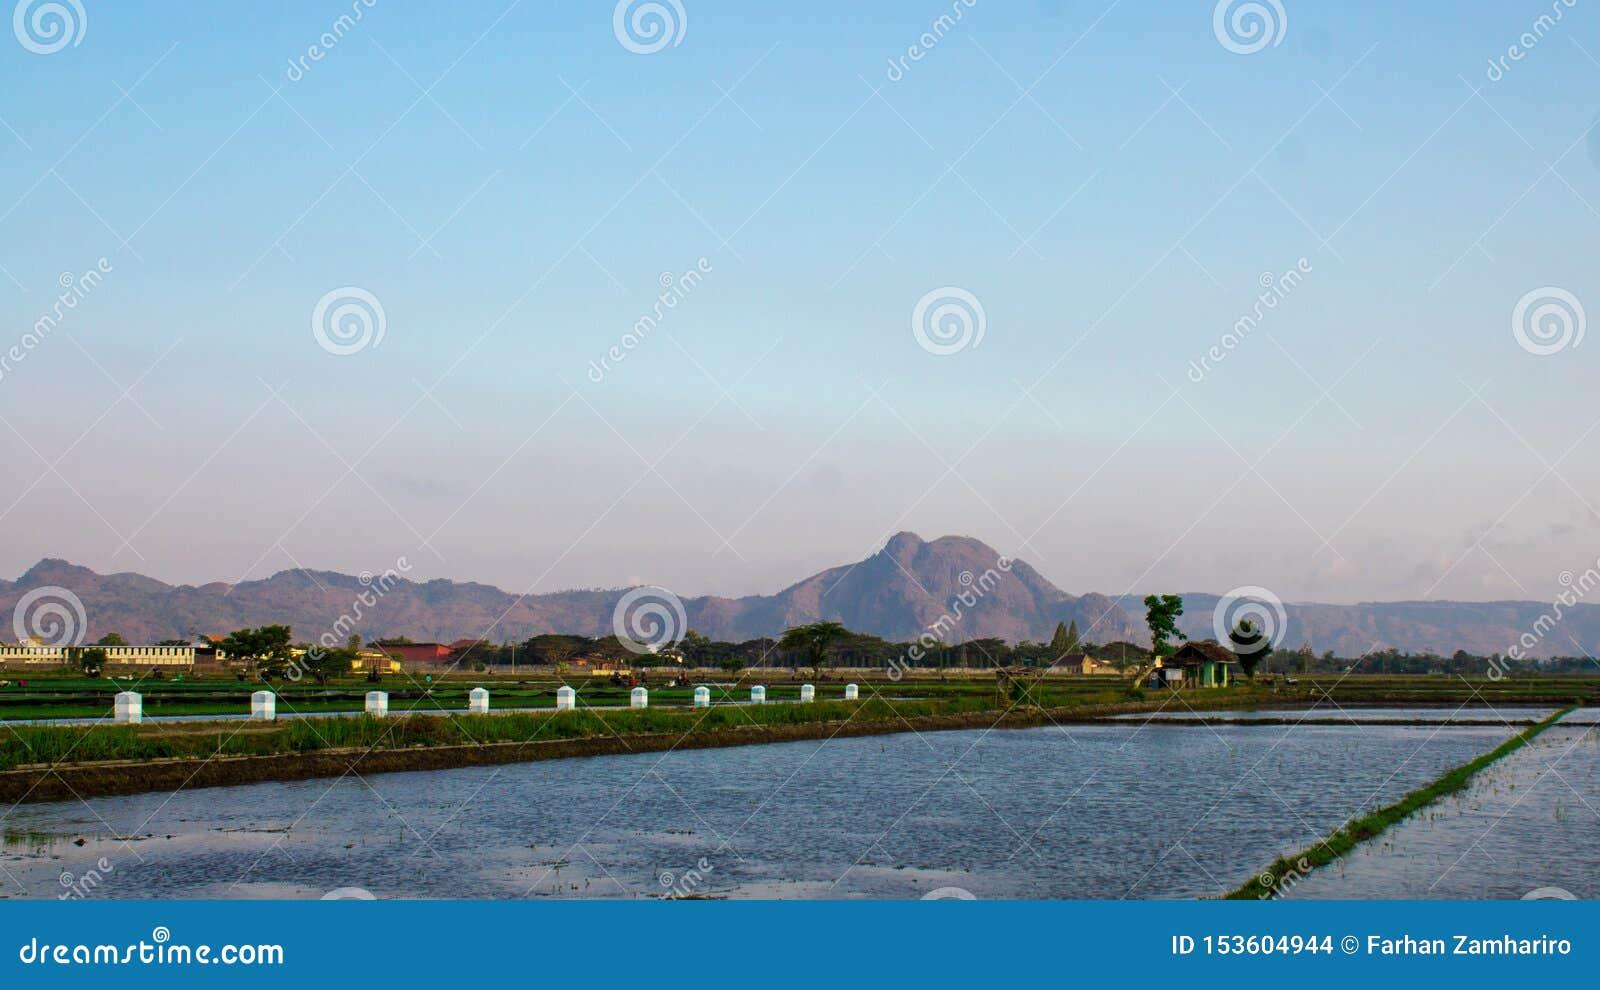 Mooie bergen in een dorp